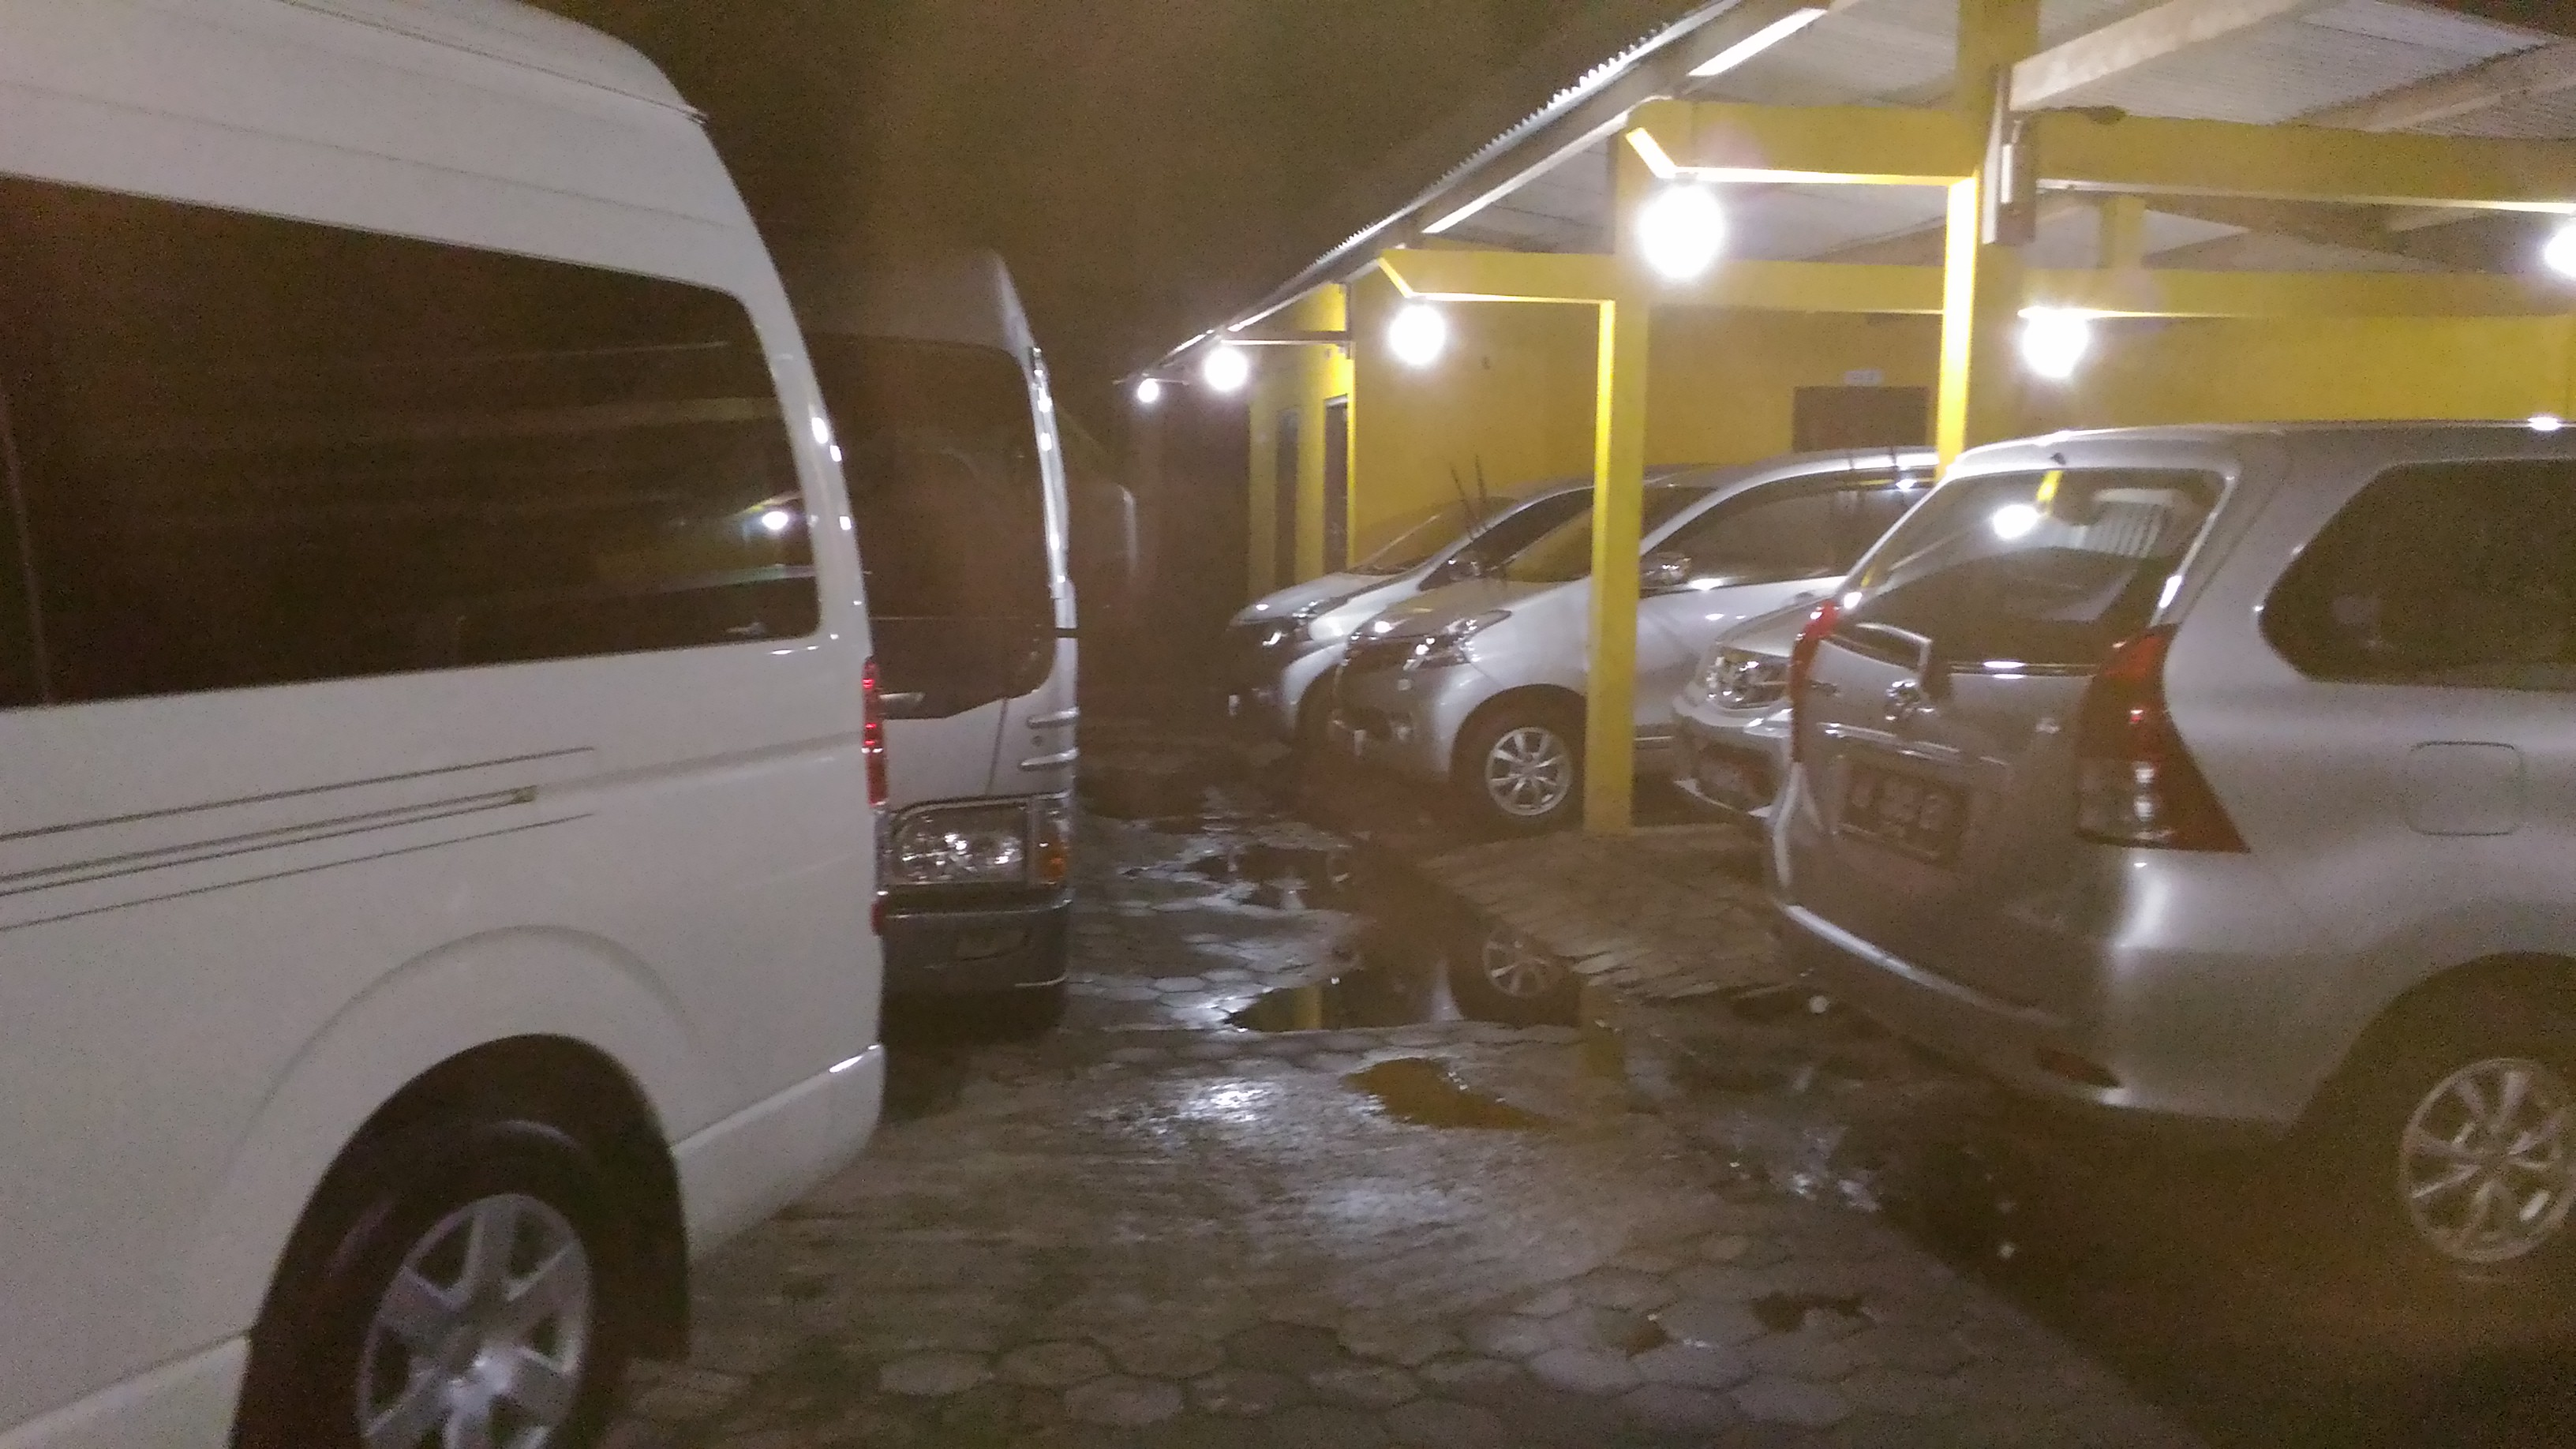 Mobil Jogja Murah - Avanza Innova Elf Hiace Dll | CV Menara Jogja Tour dan Transport - Sewa menyewa jadi lebih mudah di Spotsewa